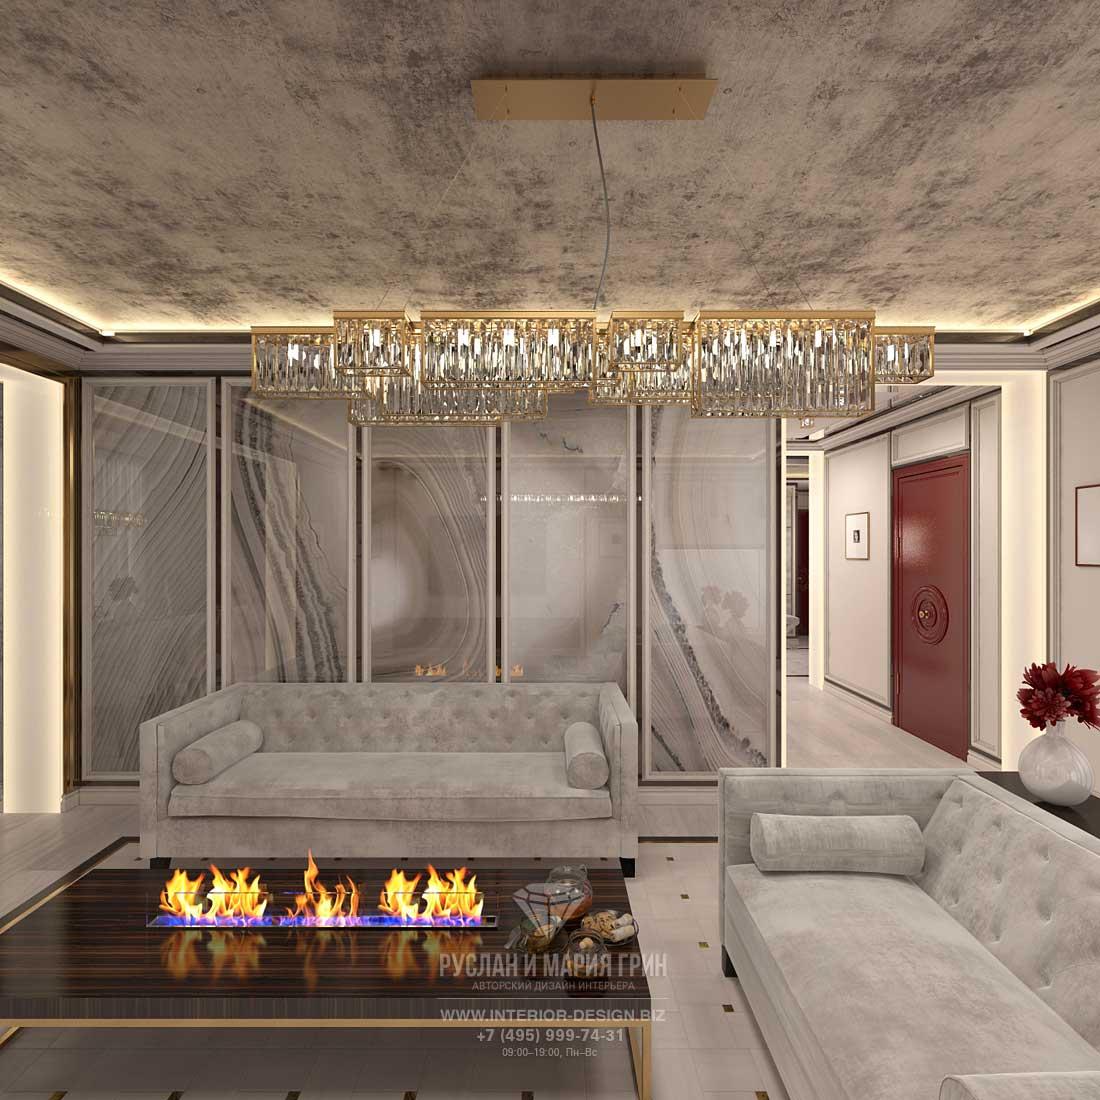 Дизайн гостиной с камином в стиле арт-деко